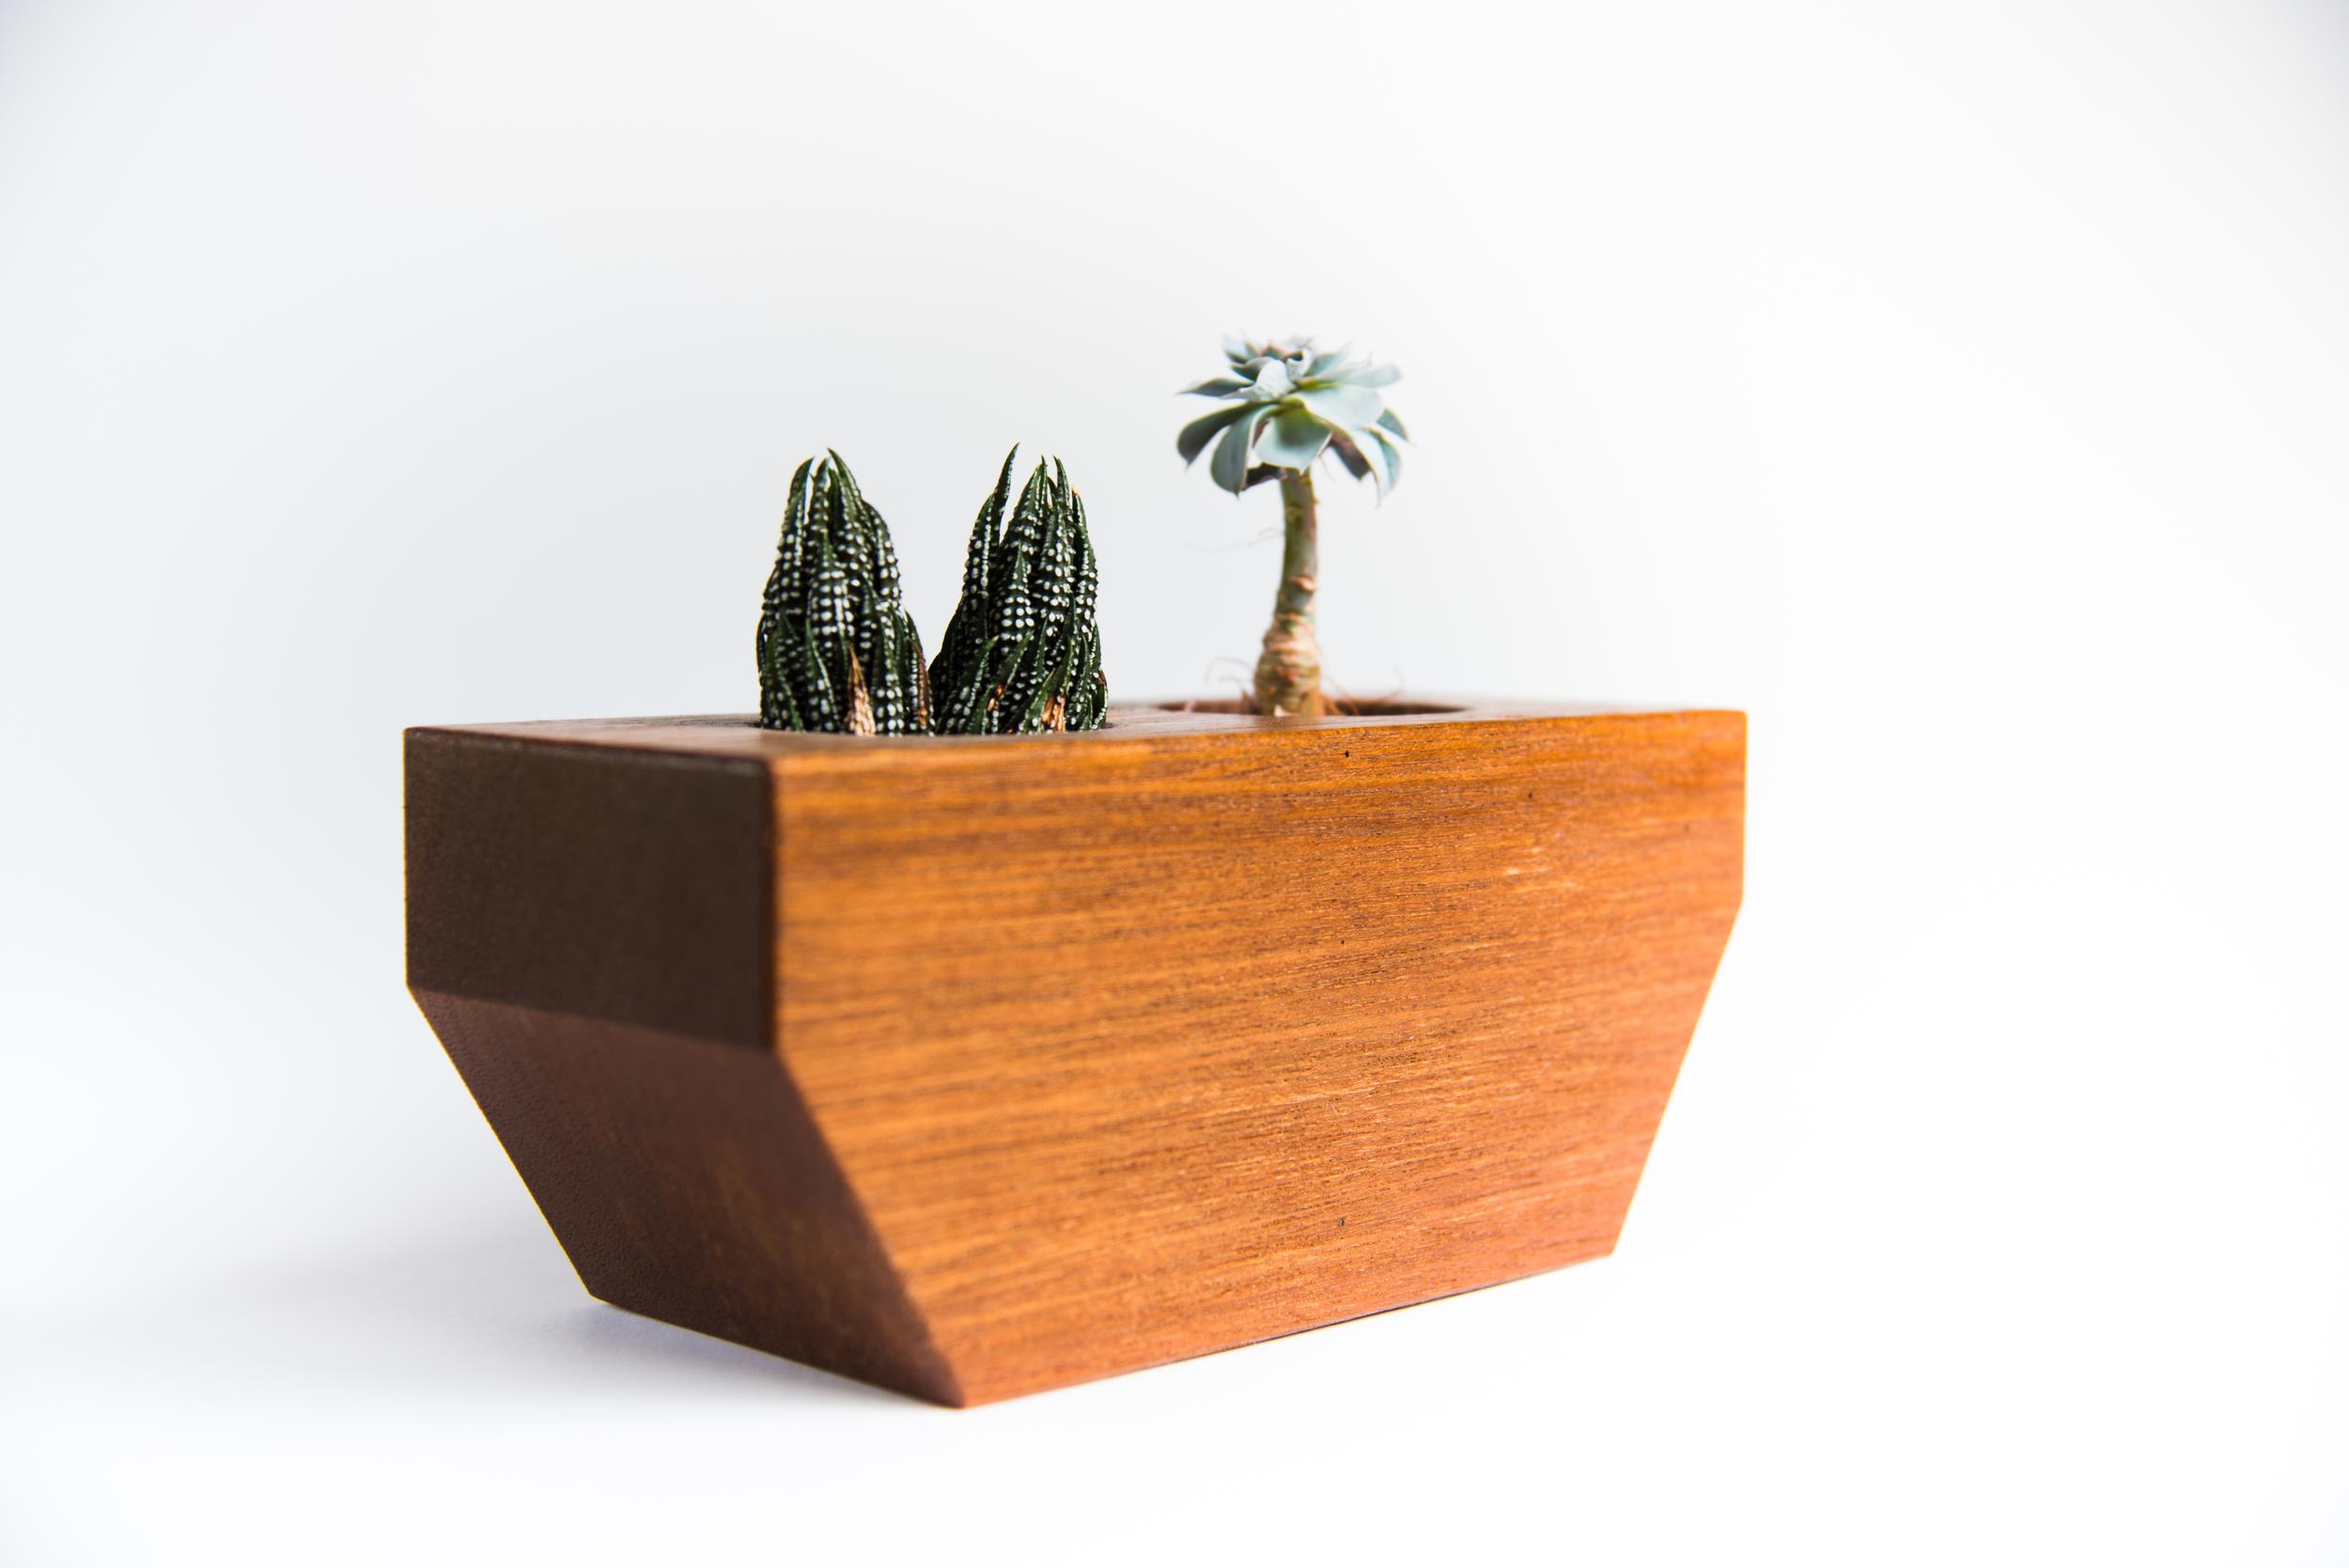 Mahogany Succulent Planter